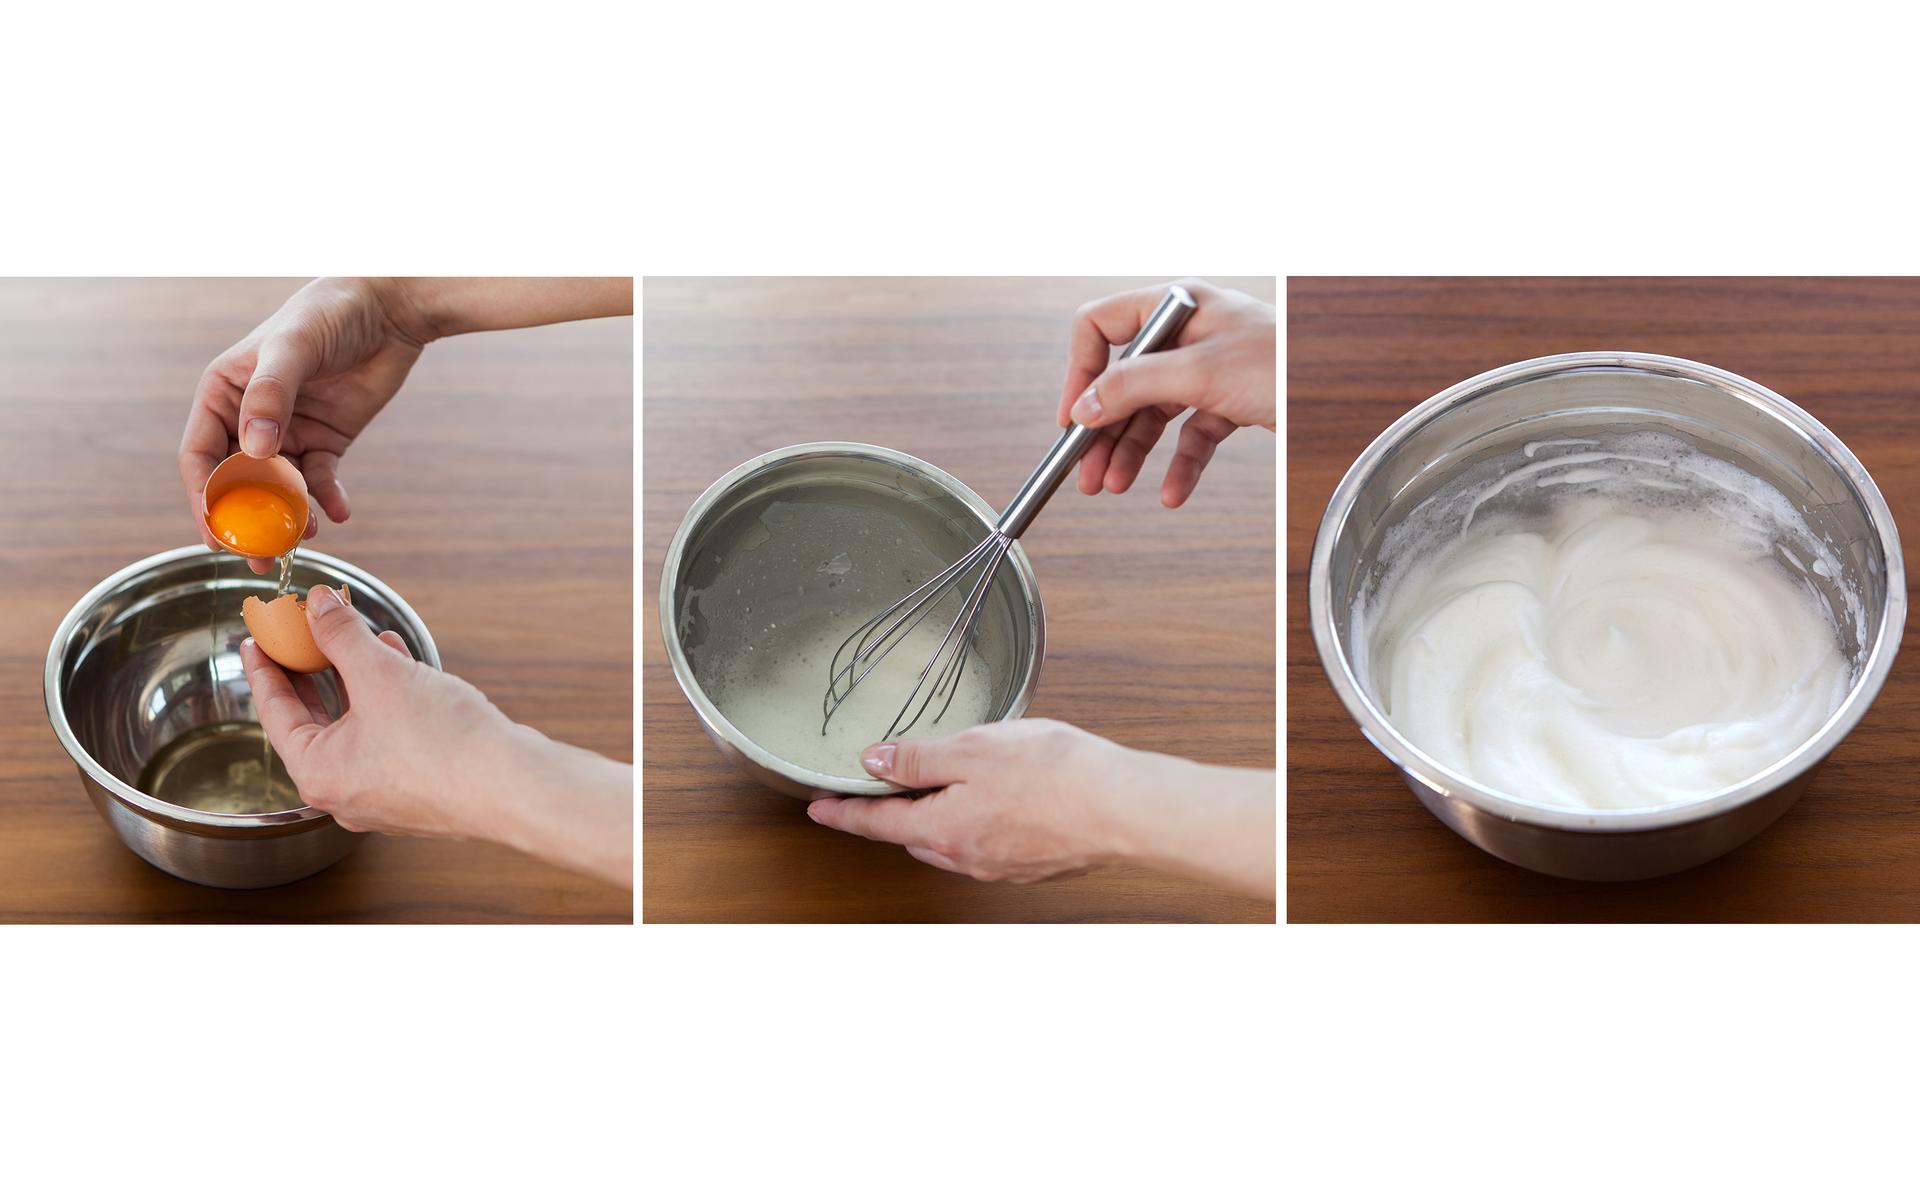 Ilustracja prezentuje trzy zdjęcia umieszczone obok siebie. Na pierwszym od lewej widać metalową miseczkę stojącą na drewnianym blacie stołu oraz ręce wlewające do miseczki białko zjajka. Środkowe zdjęcie prezentuje czynność ubijania białek na pianę za pomocą ręcznej trzepaczki. Na czwartym zdjęciu znajduje się ta sama metalowa miska wypełniona gotową pianą.